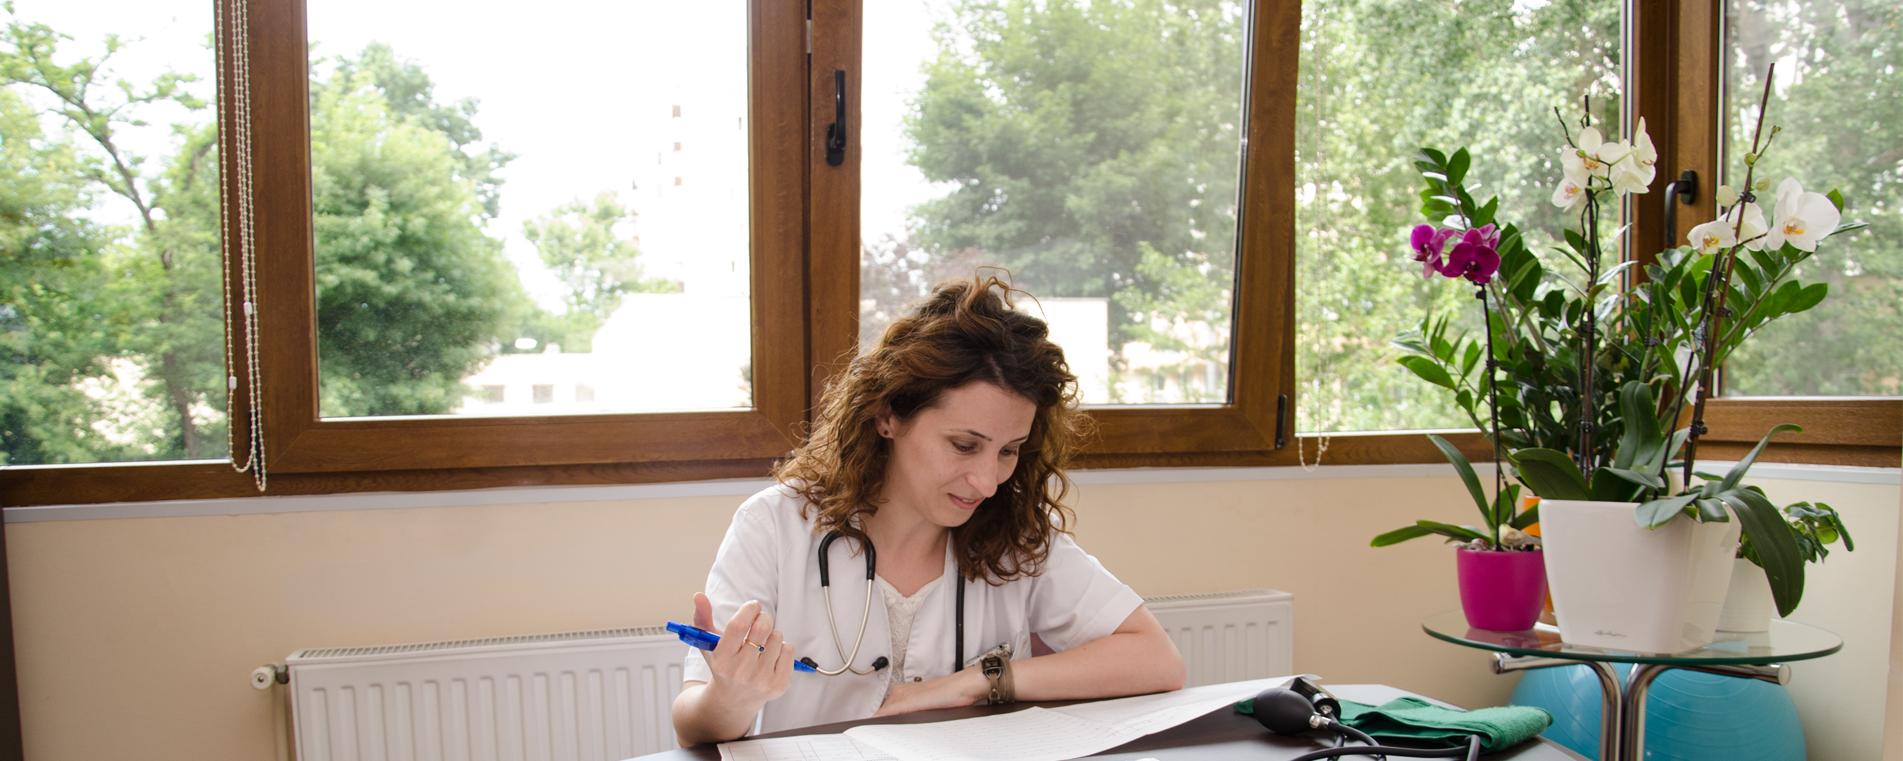 Servicii medicale<br><span>de incredere</span>